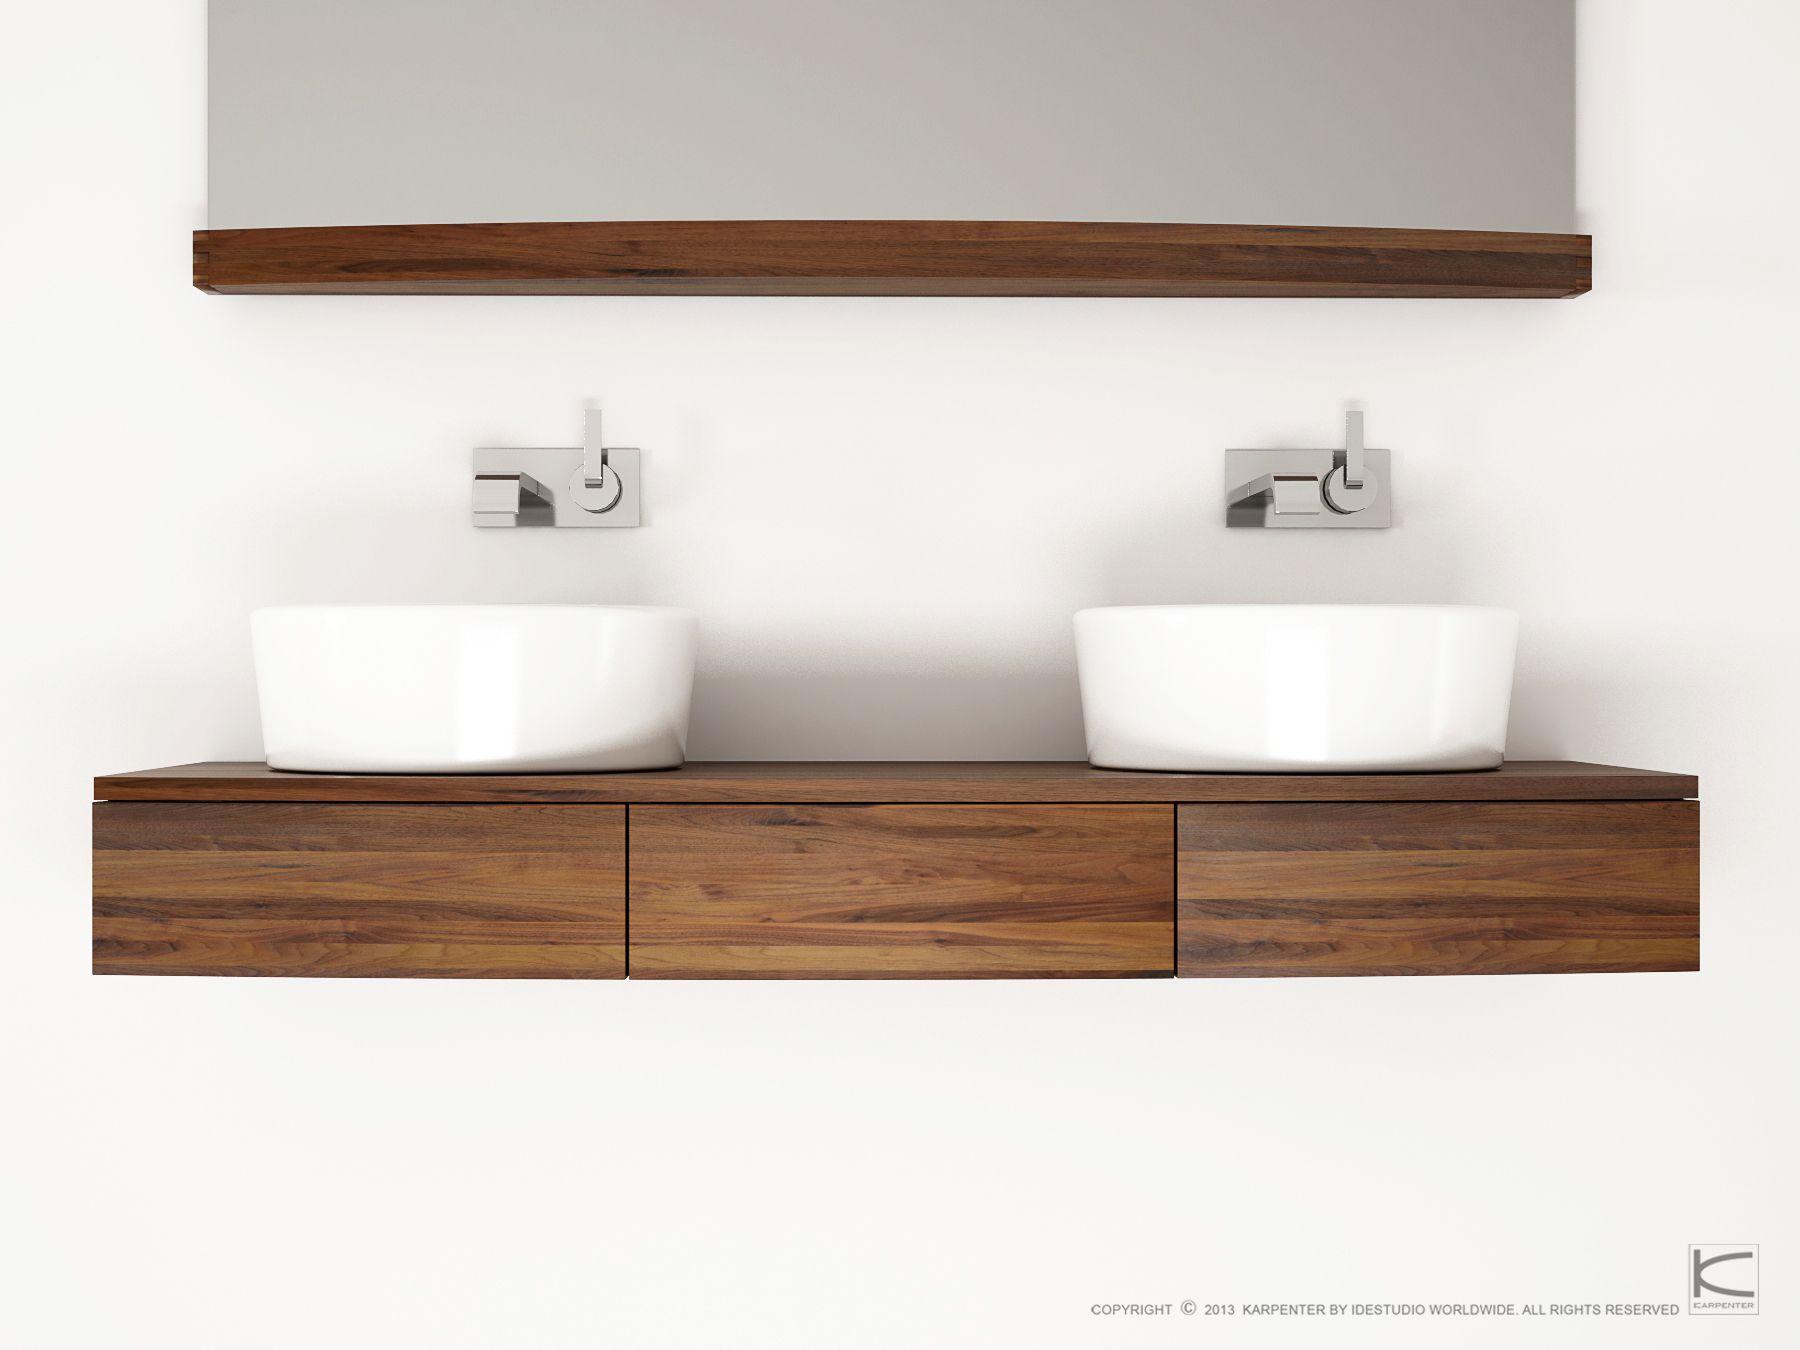 Miles doppel waschtischunterschrank by karpenter - Doppel waschtischunterschrank ...